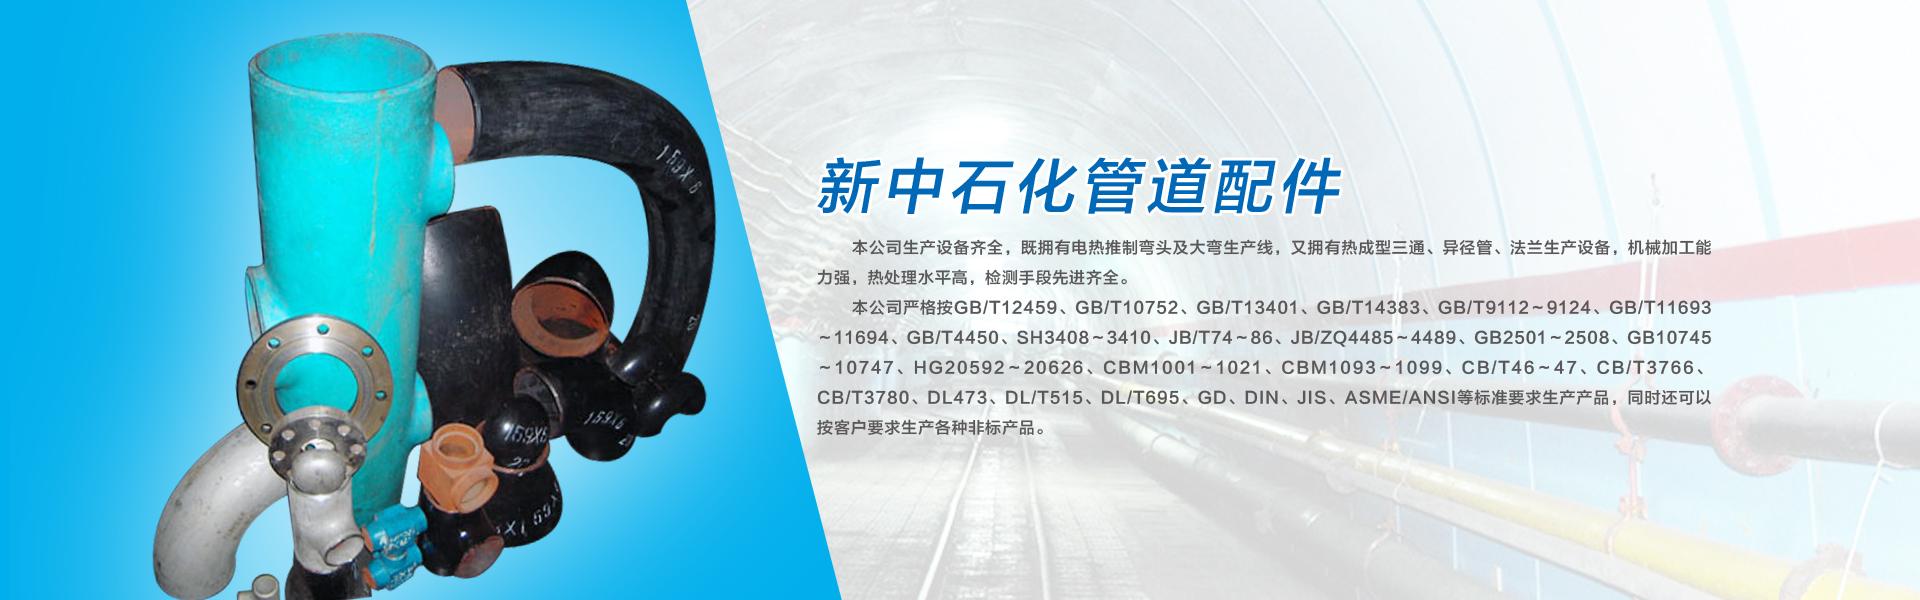 肇庆市高要新中石化管道配件有限公司拥有热成型三通、异径管、法兰生产设备,机械加工能力强,热处理水平高,检测手段先进齐全。